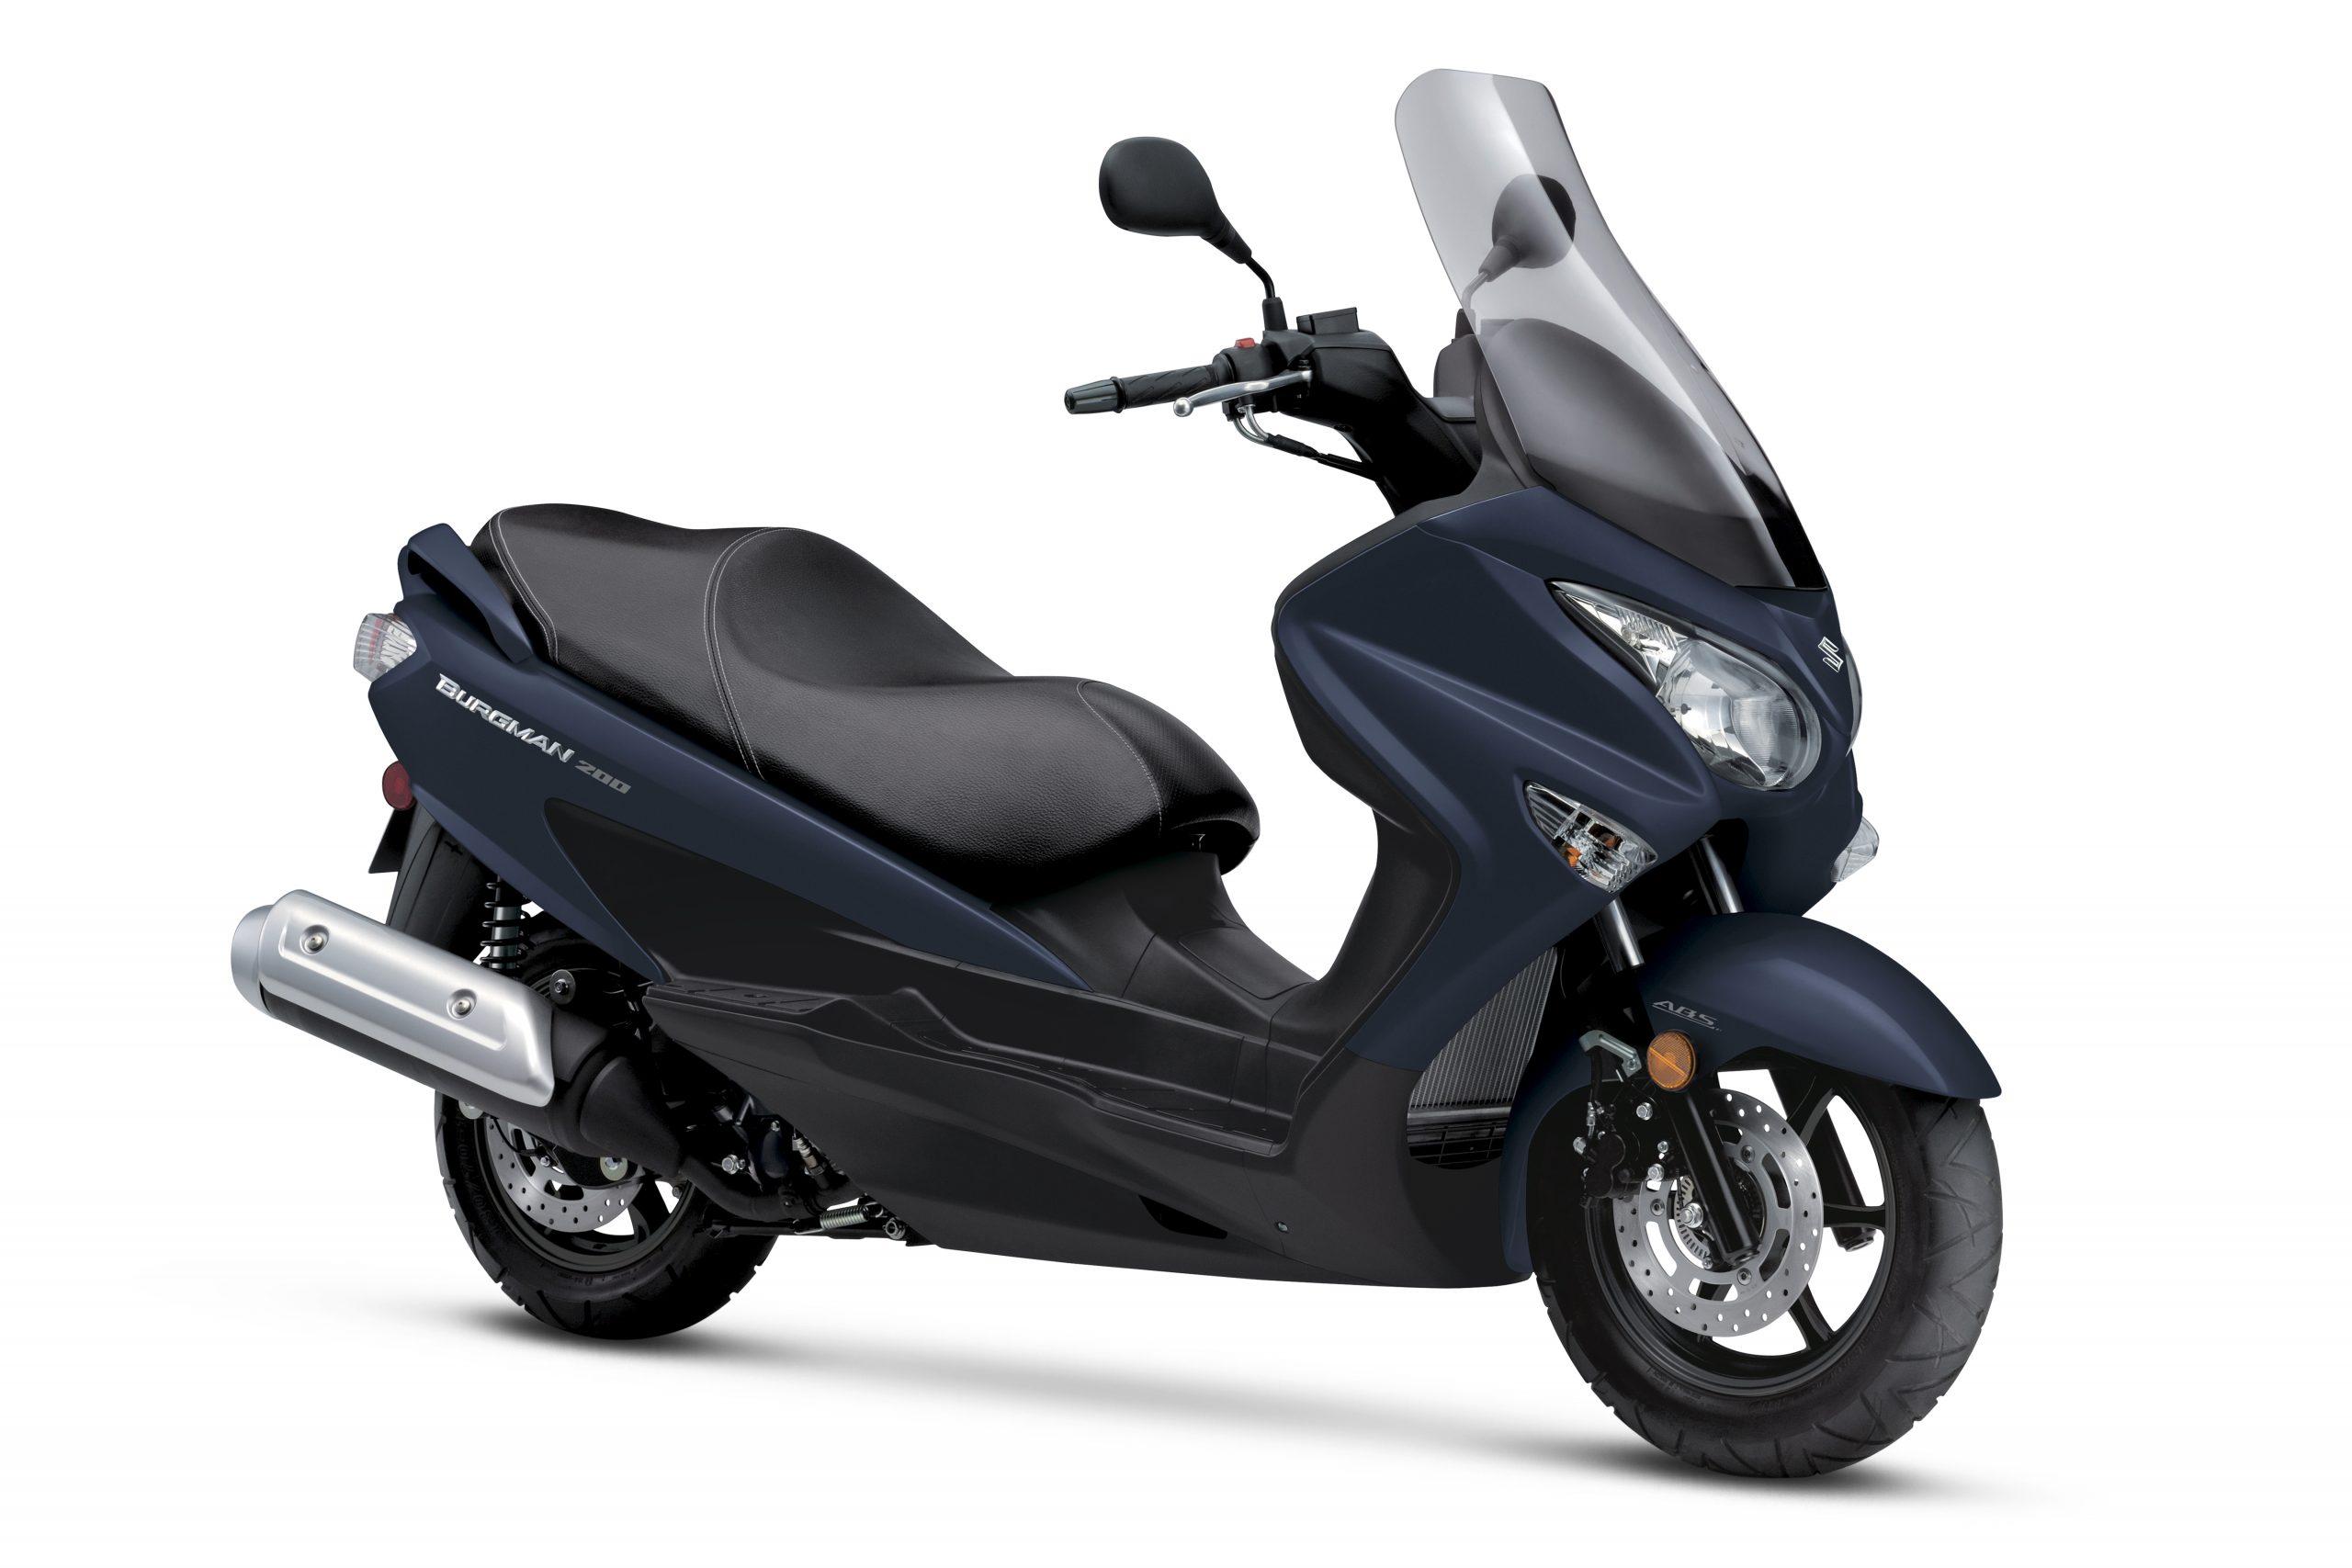 2022 Suzuki Burgman 200